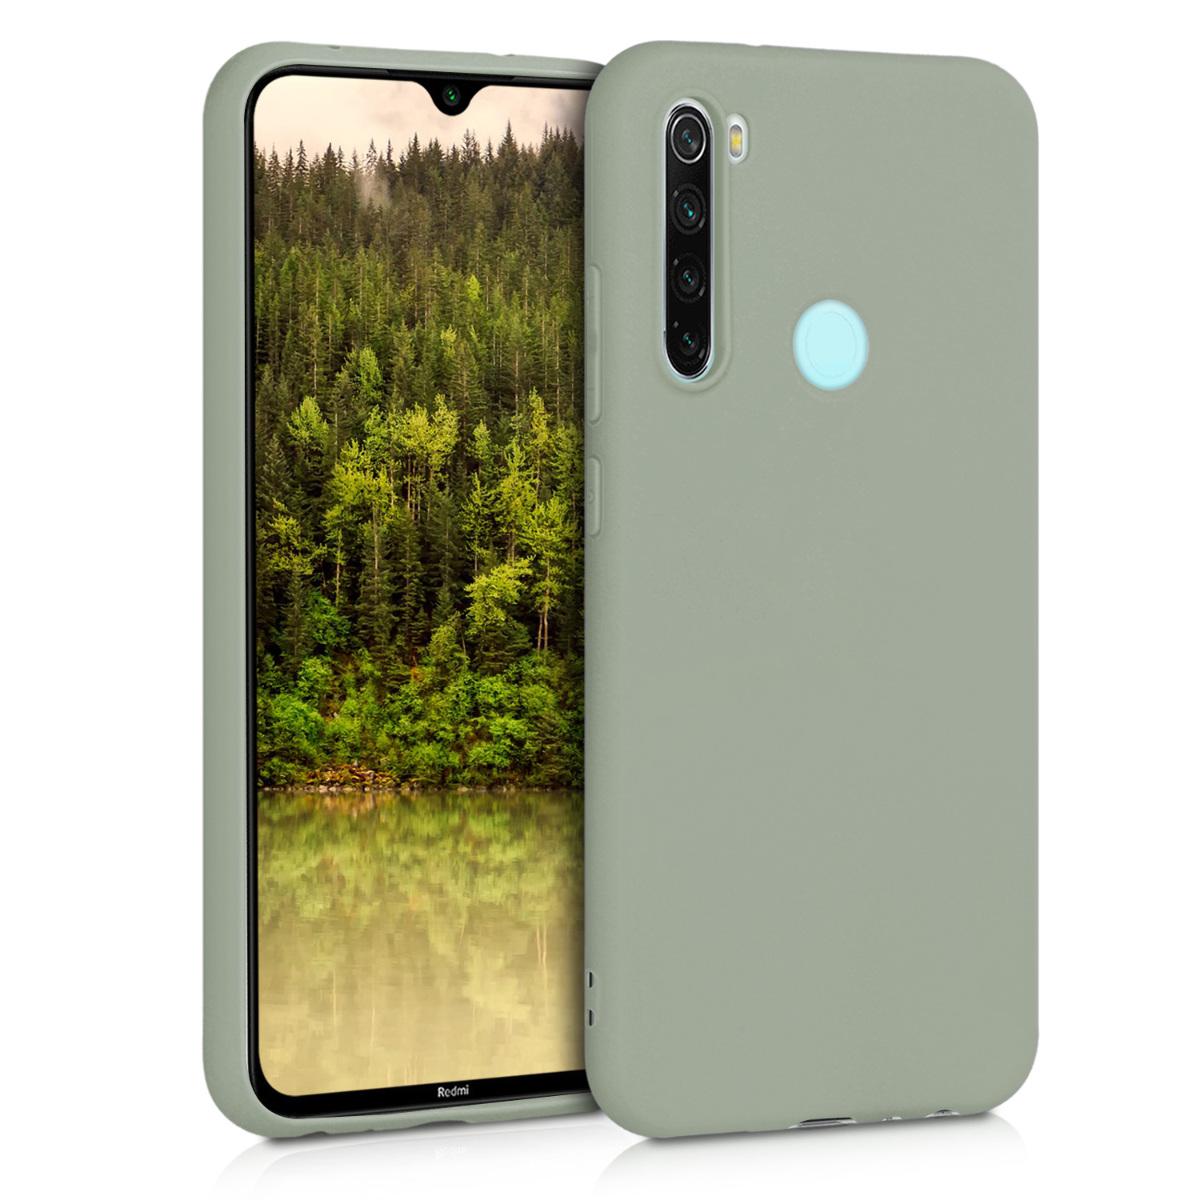 KW Θήκη Σιλικόνης Xiaomi Redmi Note 8 - Gray Green (50180.172)